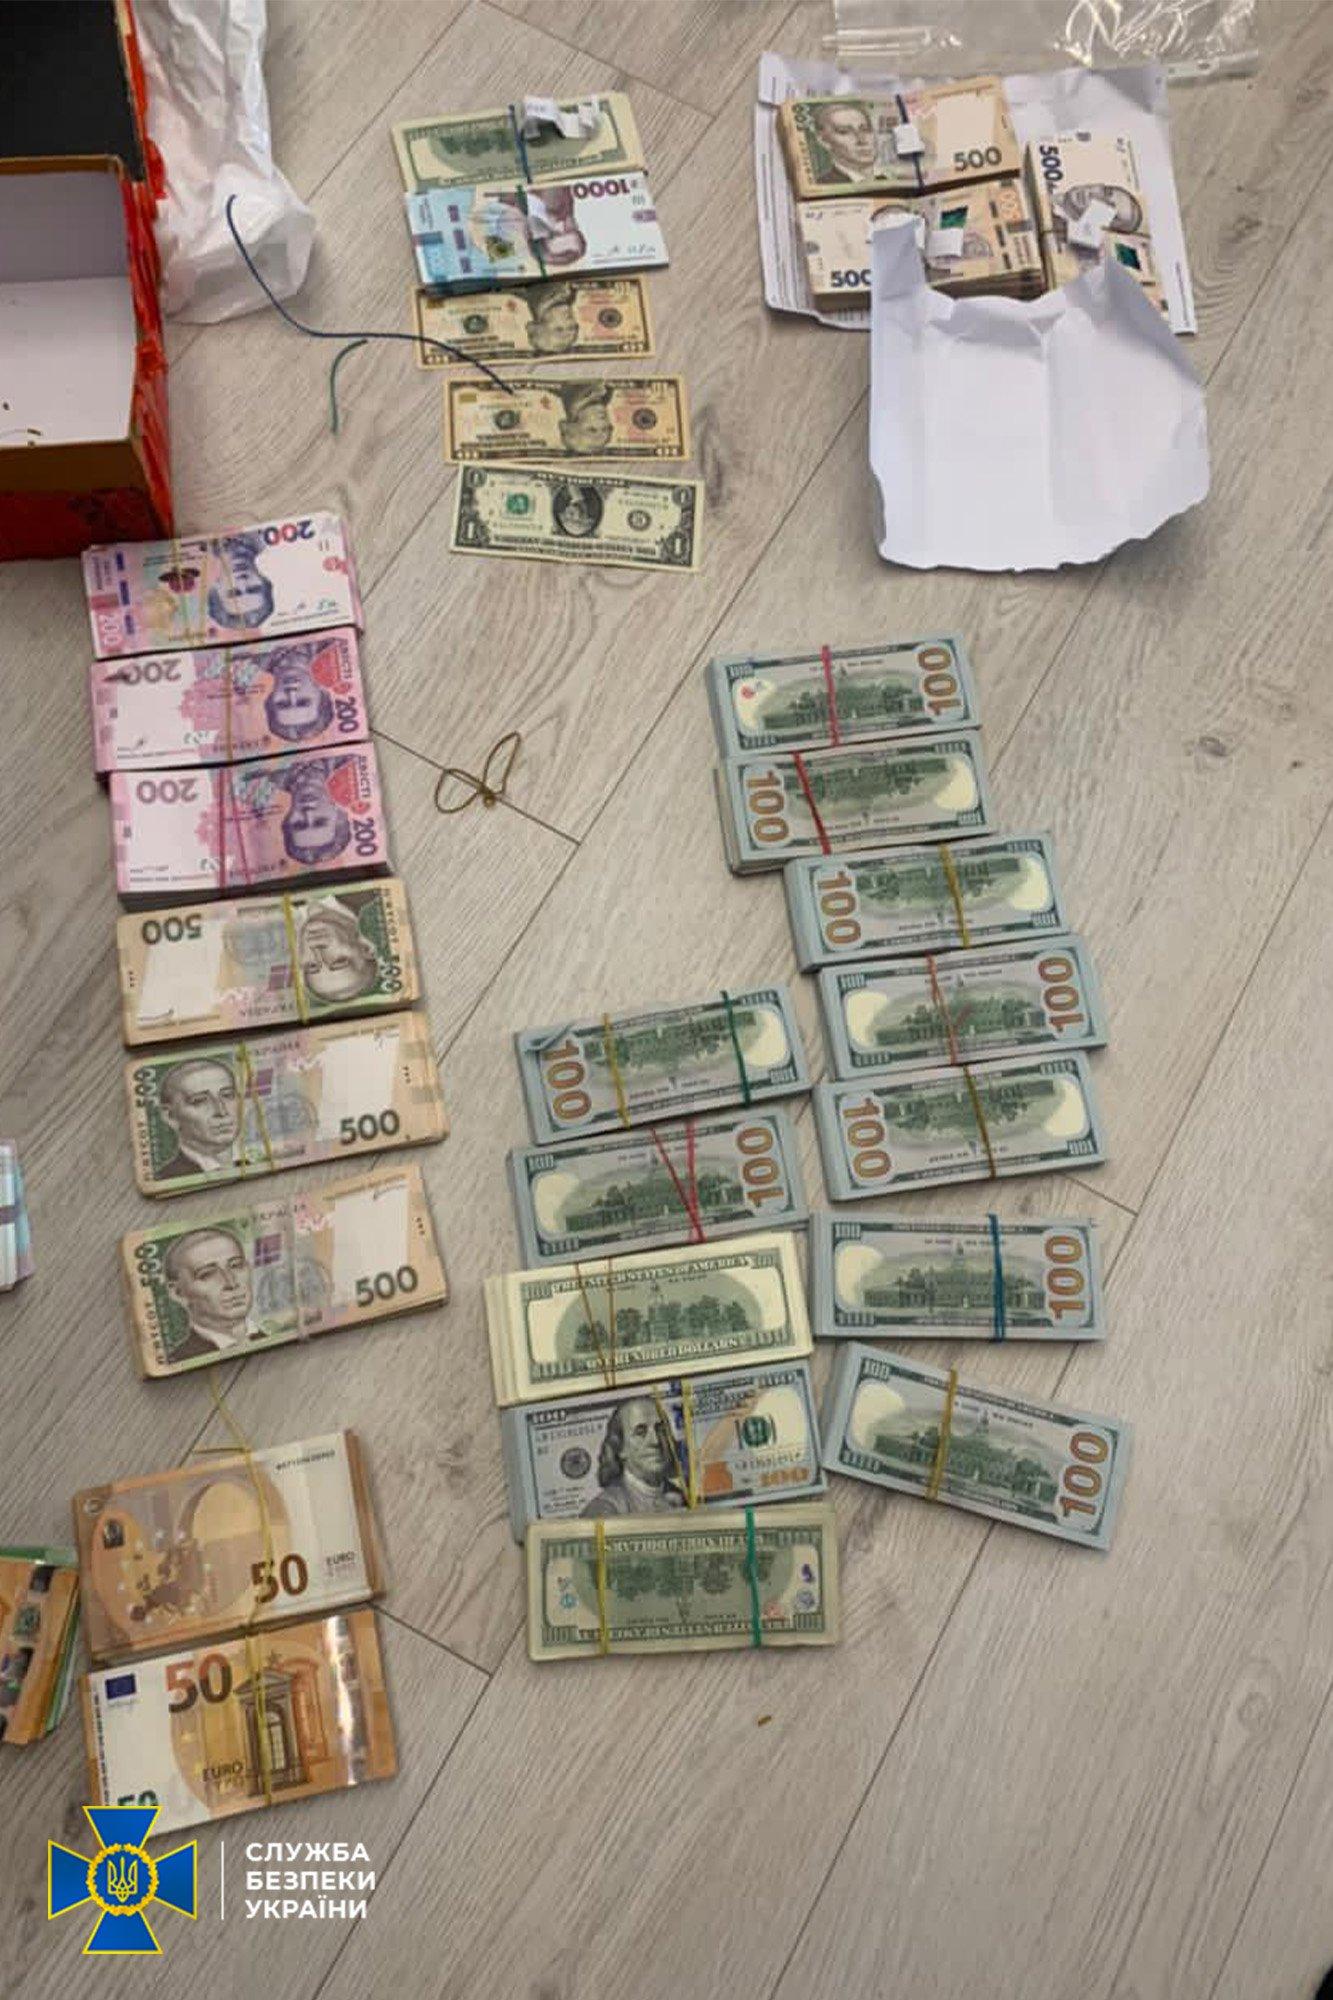 Несколько сотен людей не дождались зарплаты: СБУ разоблачила государственных исполнителей Днепра в хищении миллионов гривен, фото-2